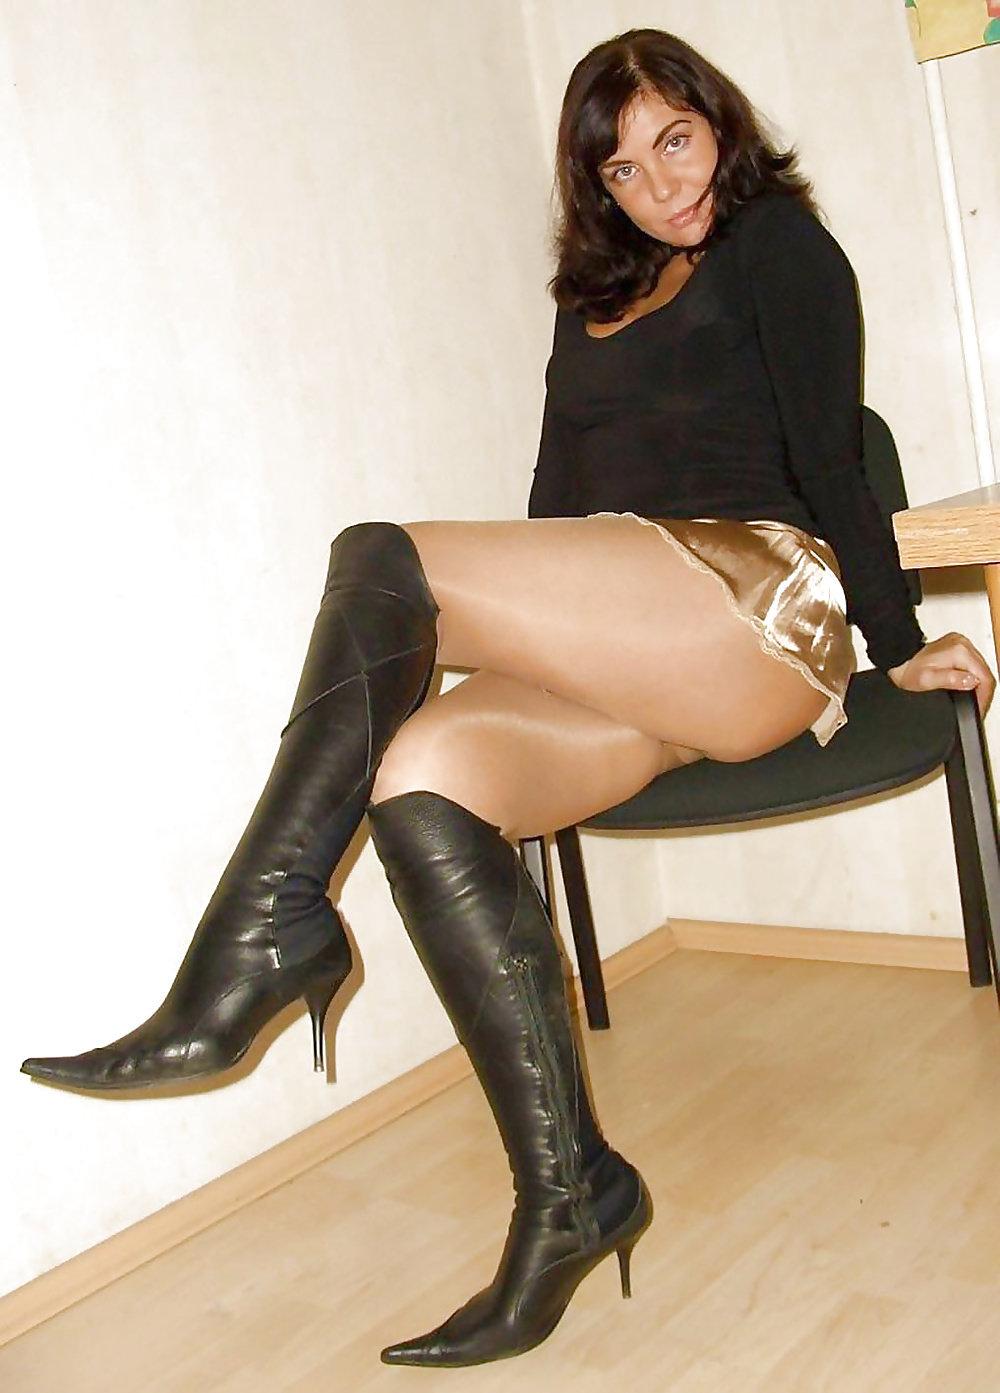 Частное фото девушки в чулках и юбках кончик половой